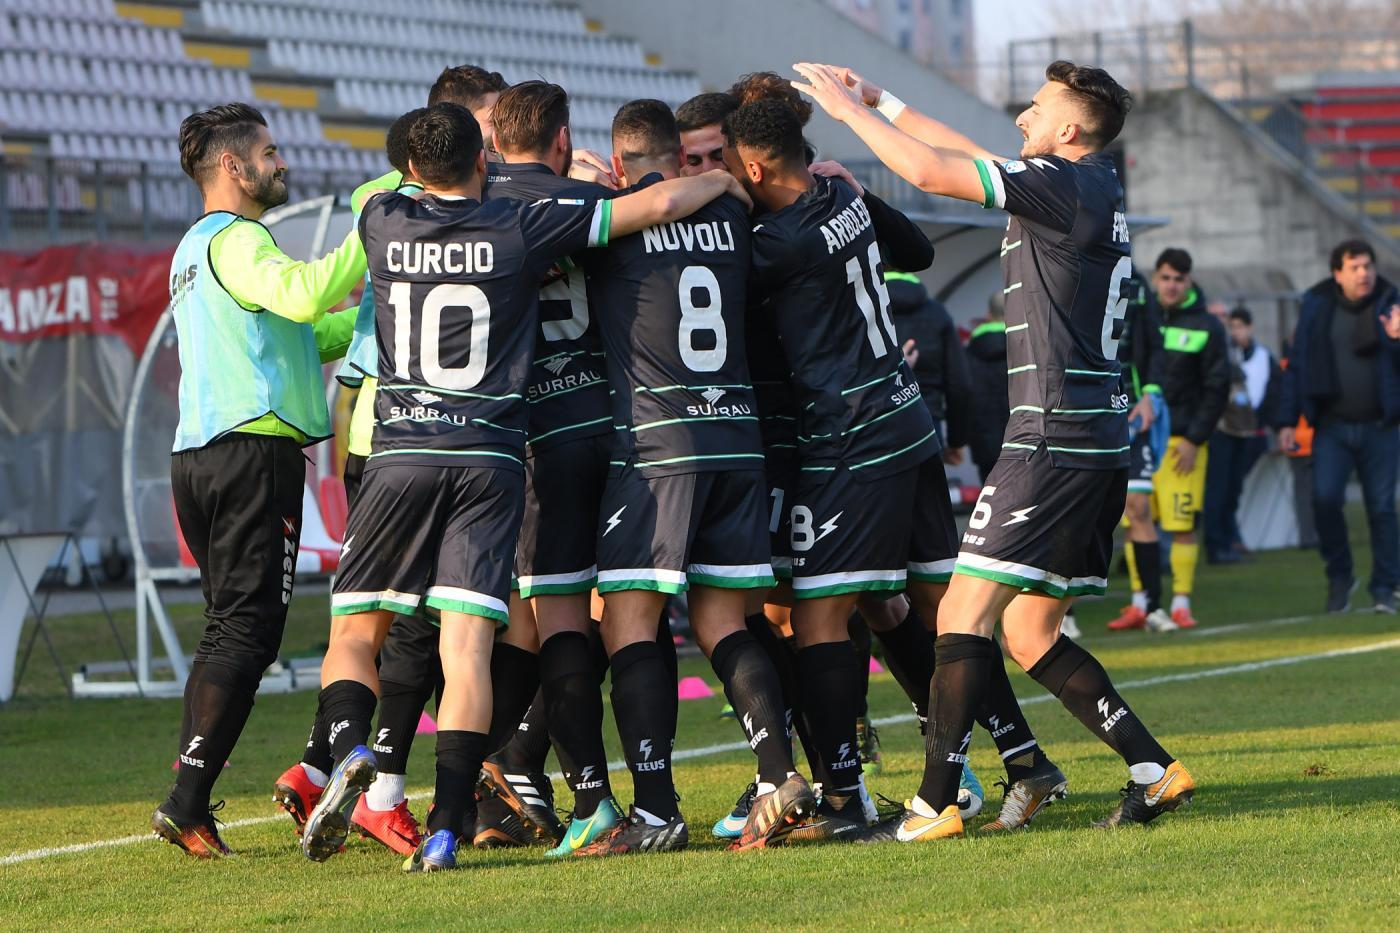 Serie C, Arzachena-Juventus U23 domenica 14 ottobre: analisi e pronostico della sesta giornata della terza divisione italiana